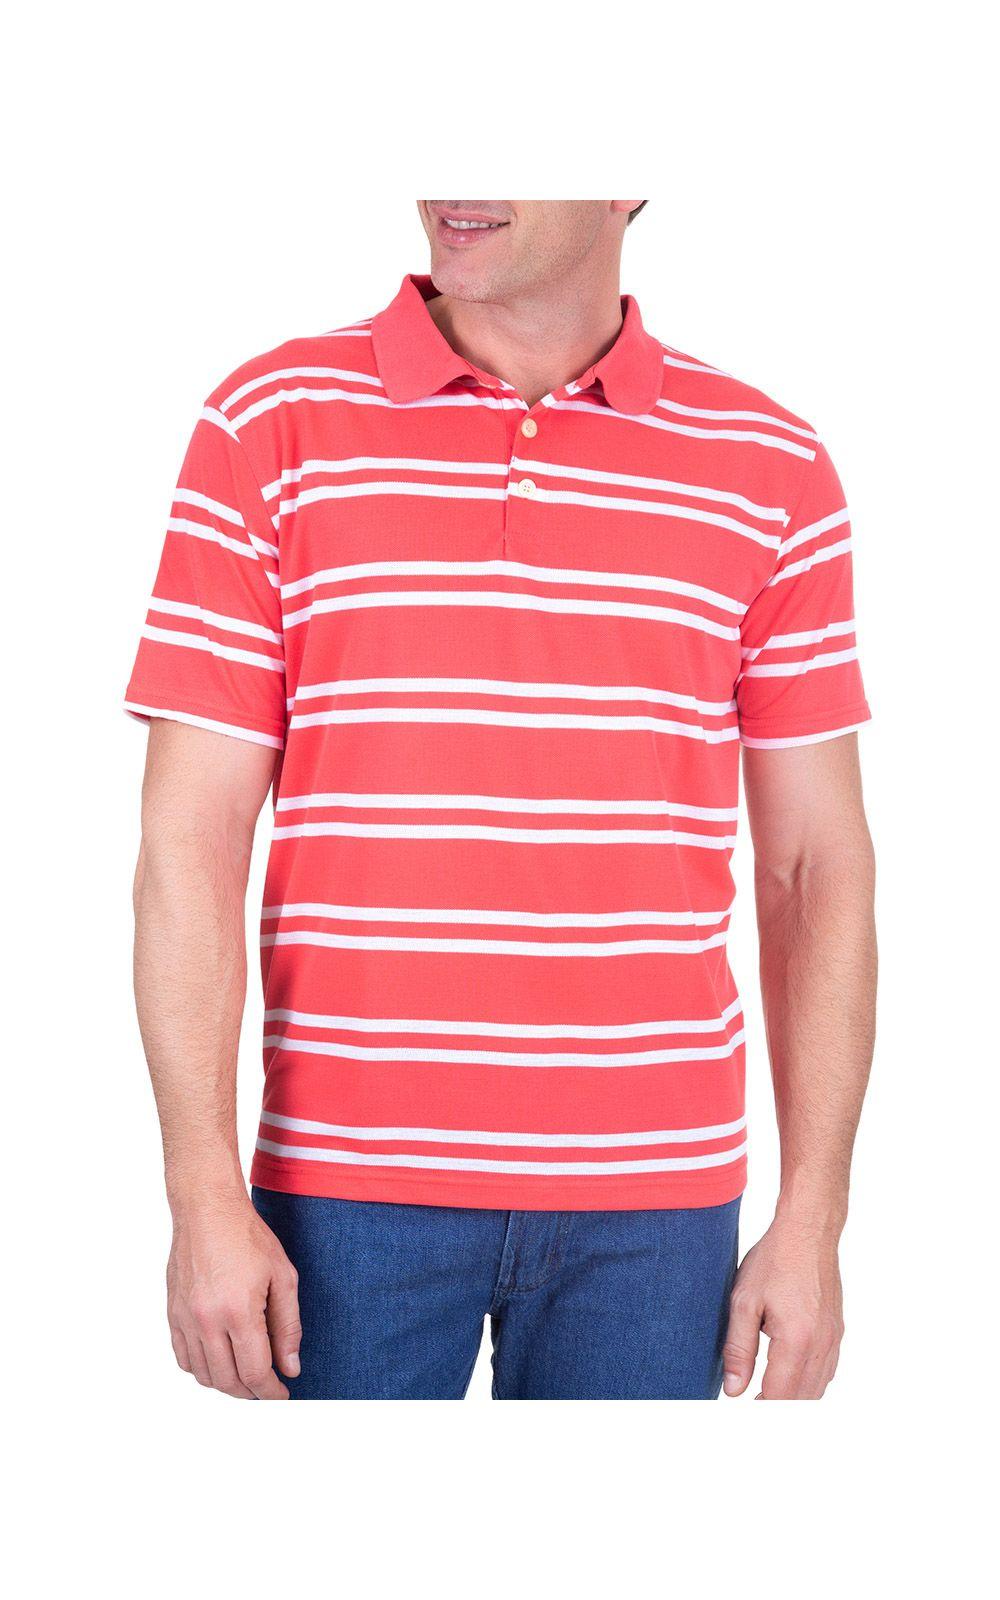 Foto 1 - Camisa Polo Masculina Vermelha Listrada